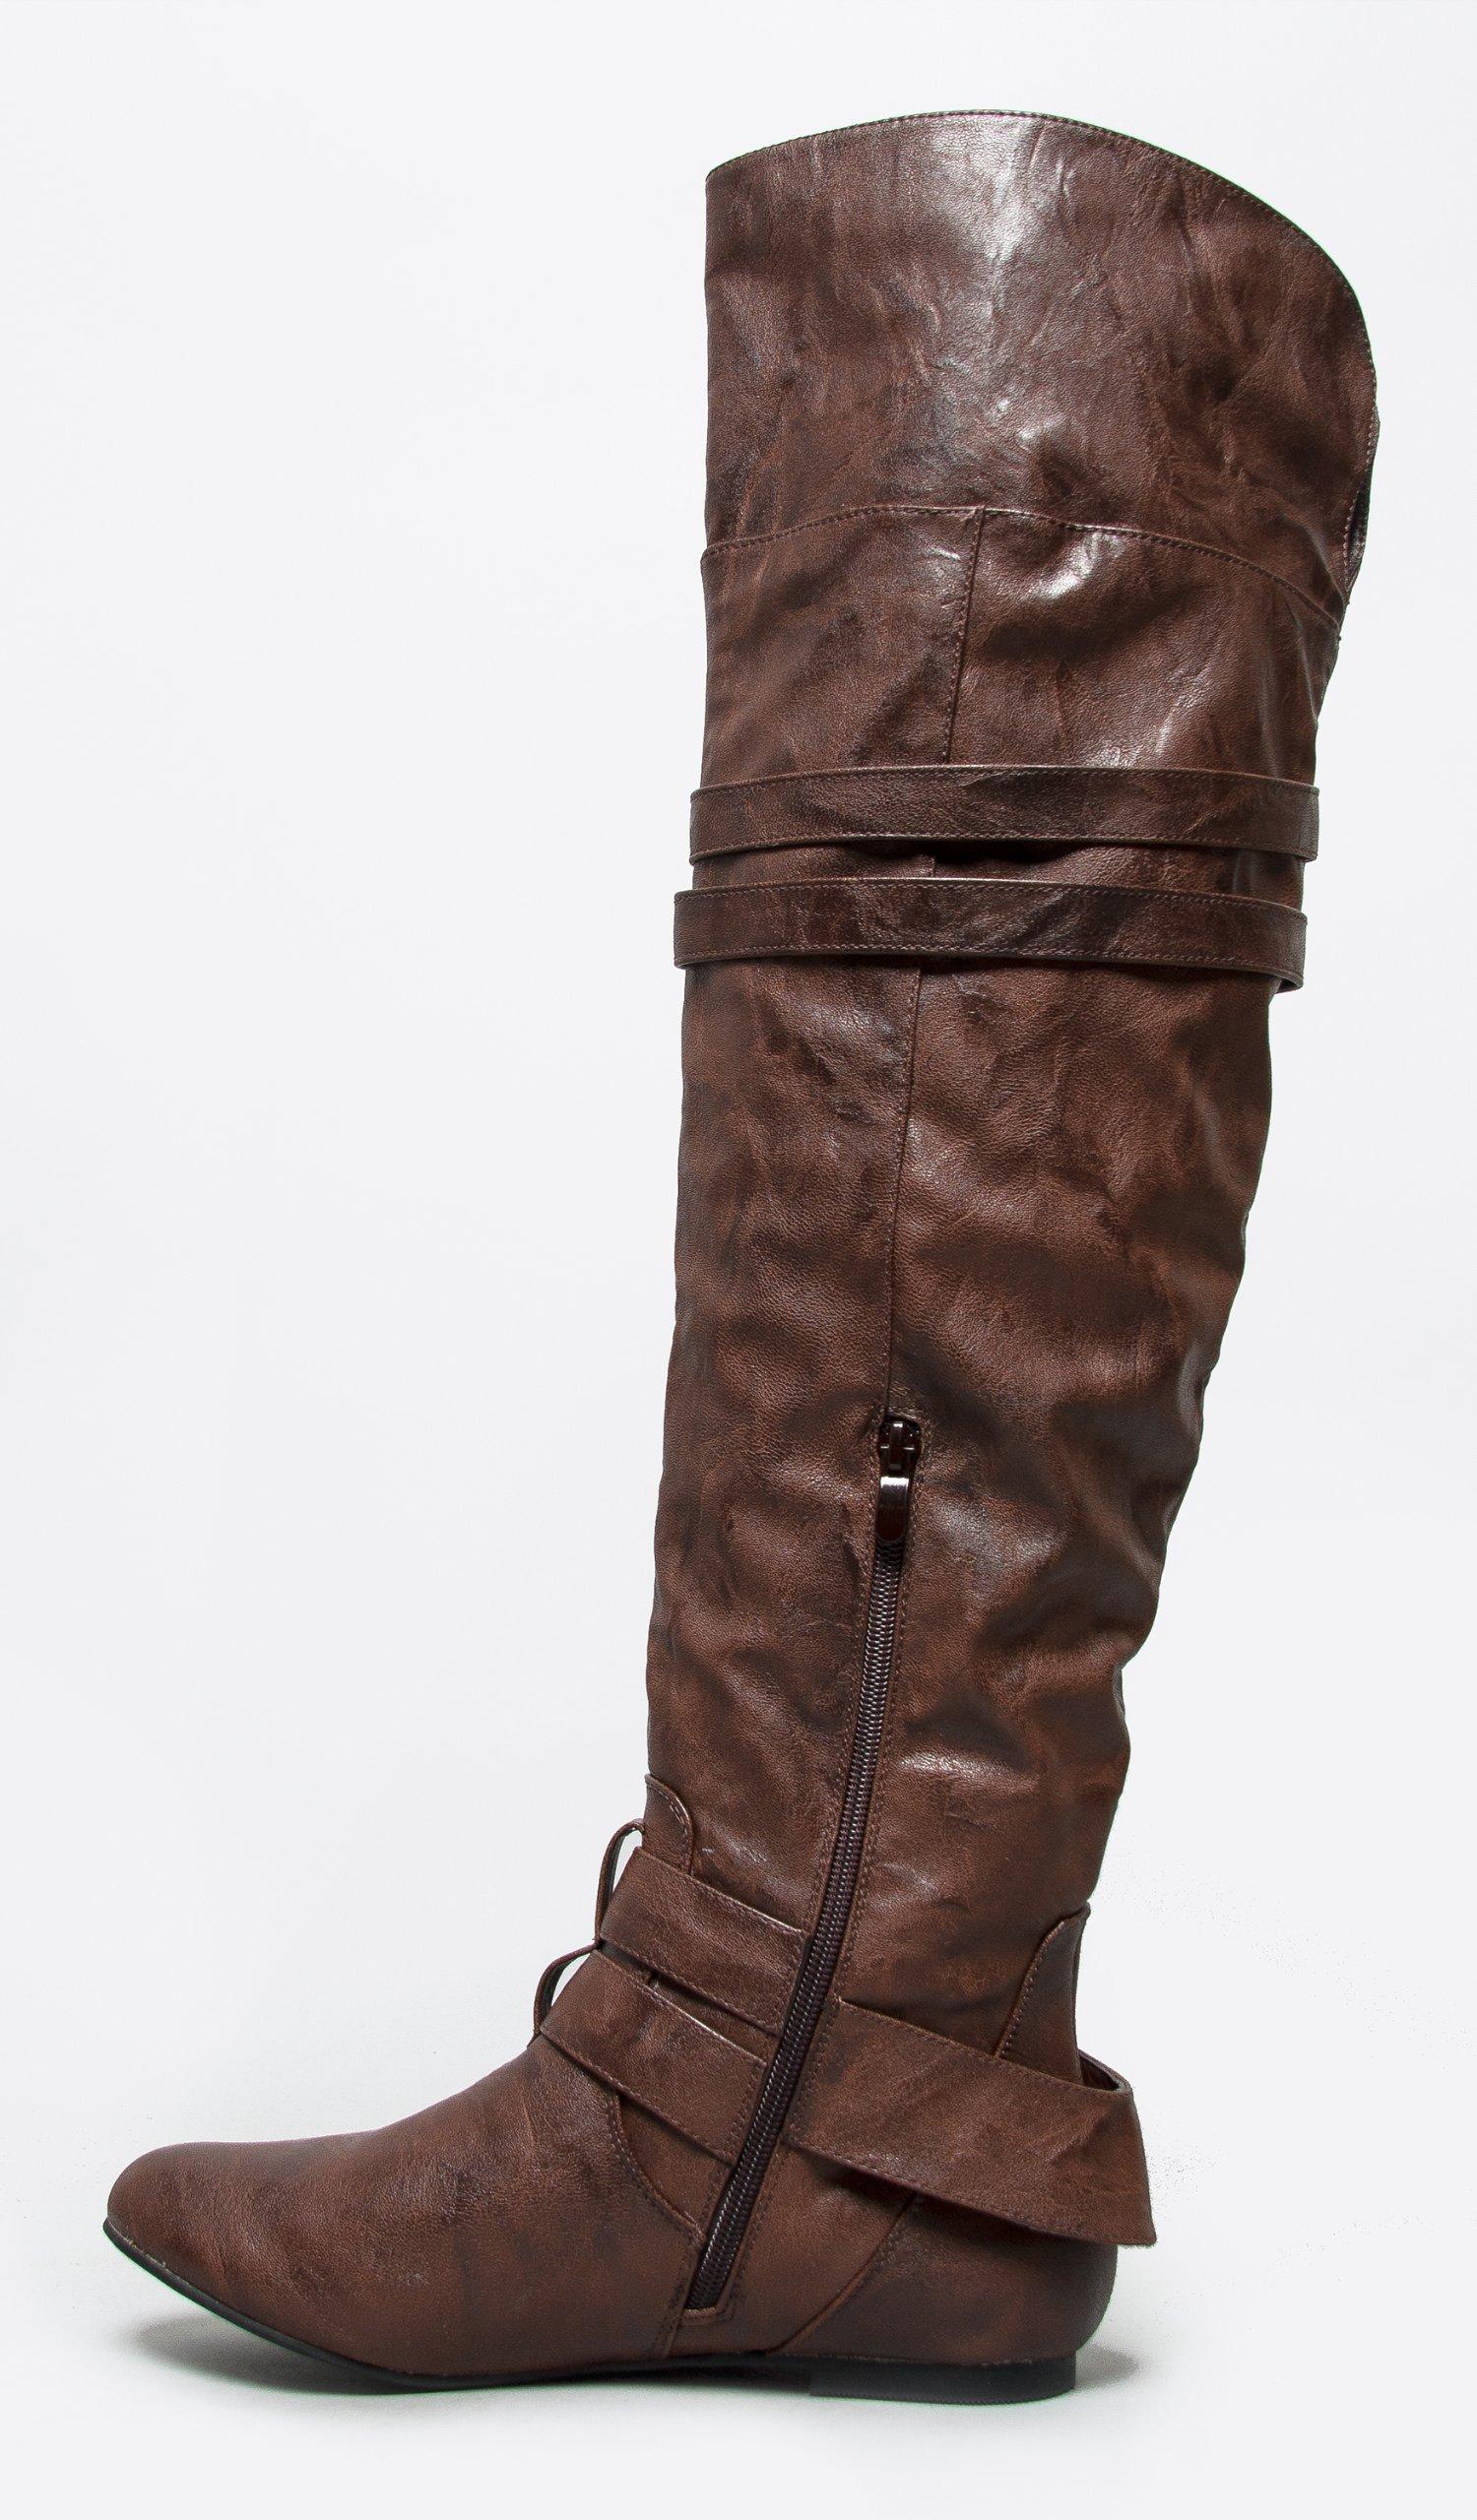 Adams Brandy Over The Knee Boot J Trendy Low Block Heel Suede Thigh High